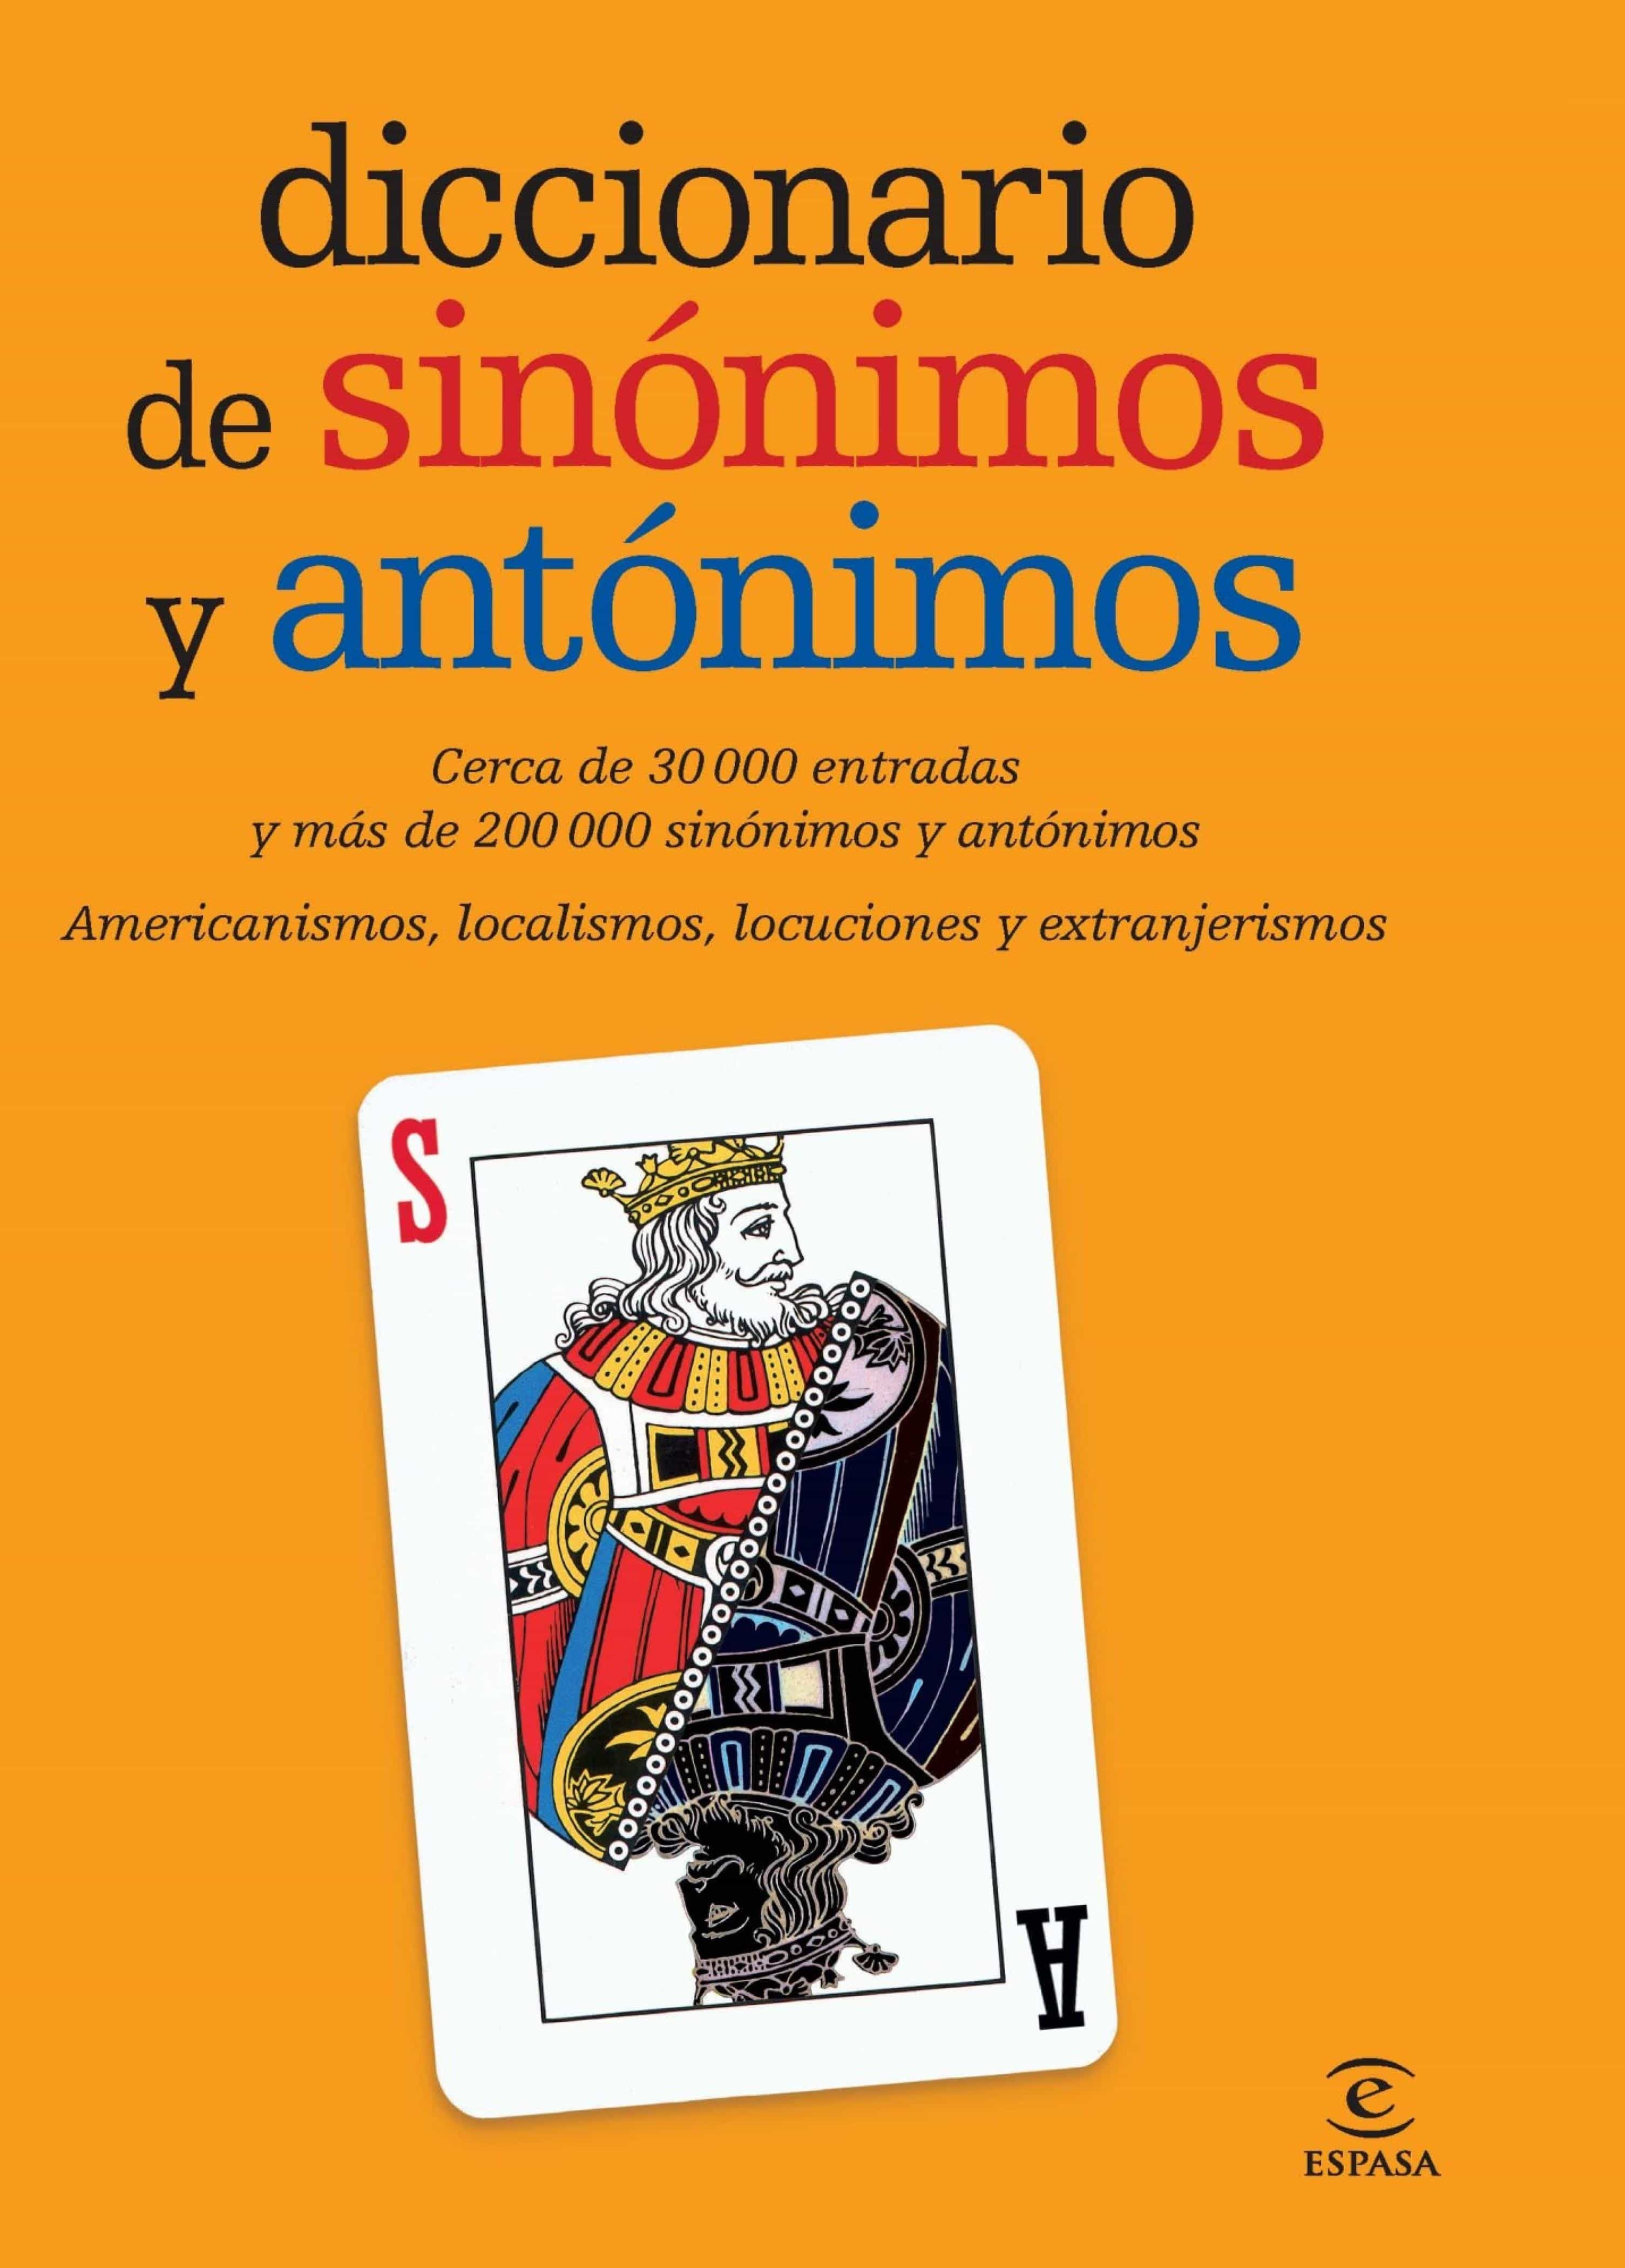 Diccionario De Sinónimos Y Antónimos (ebook) · Ebooks · El ... - photo#4